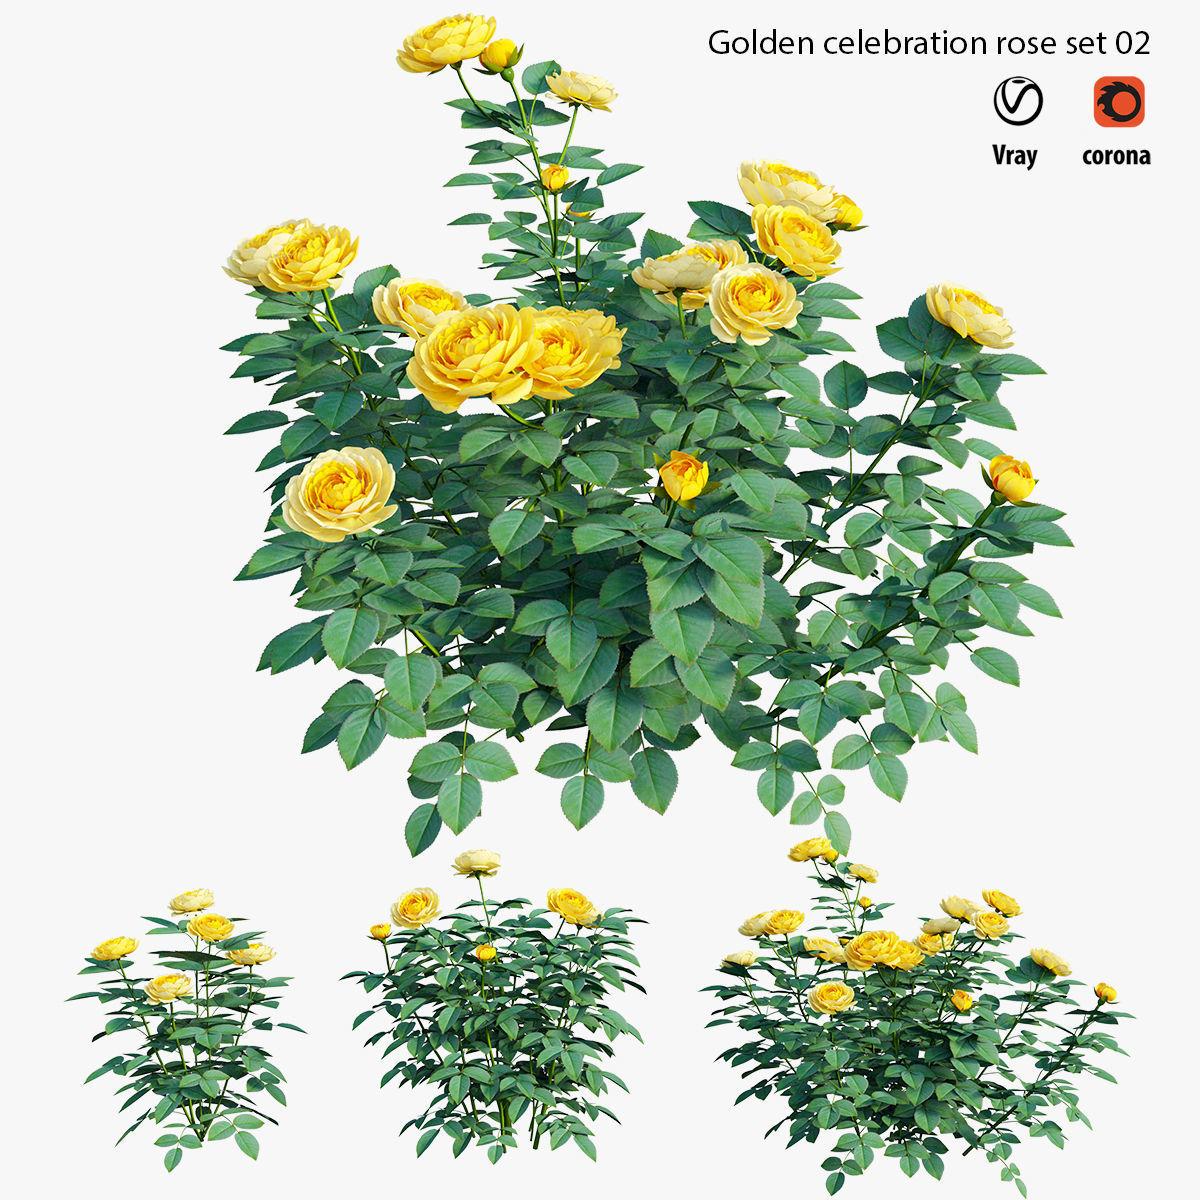 Golden celebration rose  set 02